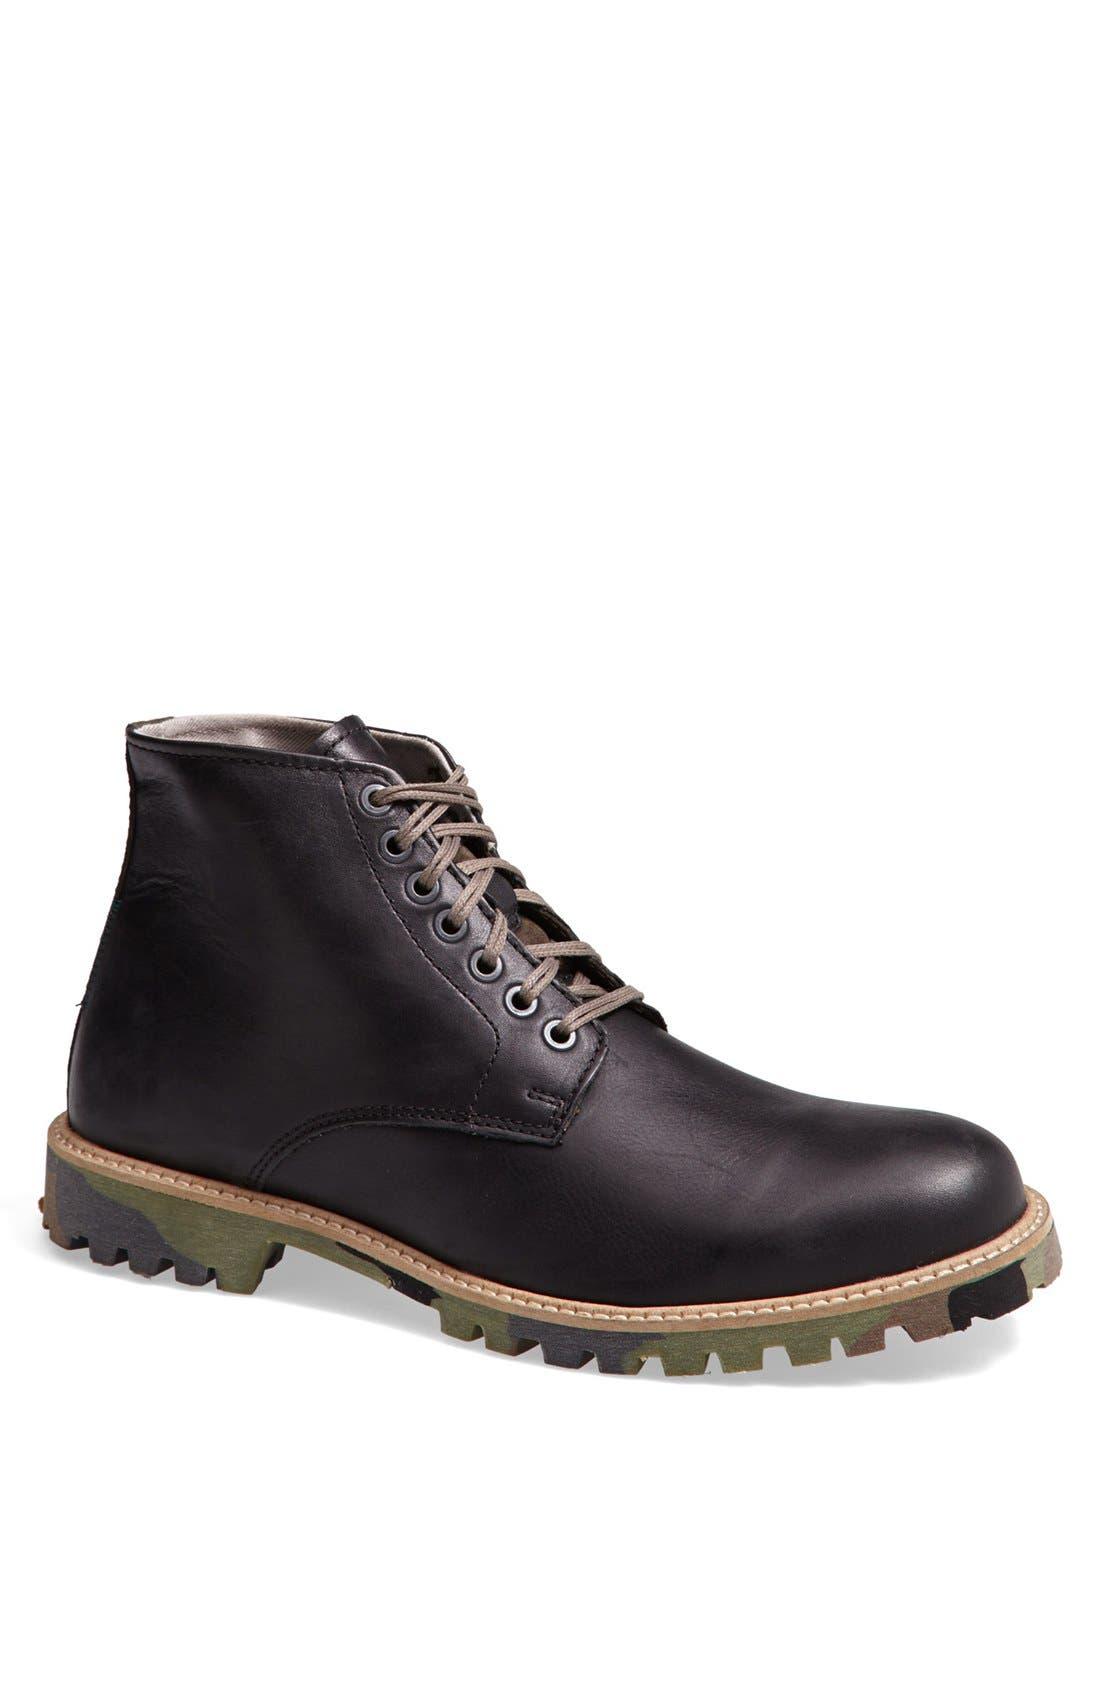 ALDO, 'Cetuur' Plain Toe Boot, Main thumbnail 1, color, 002